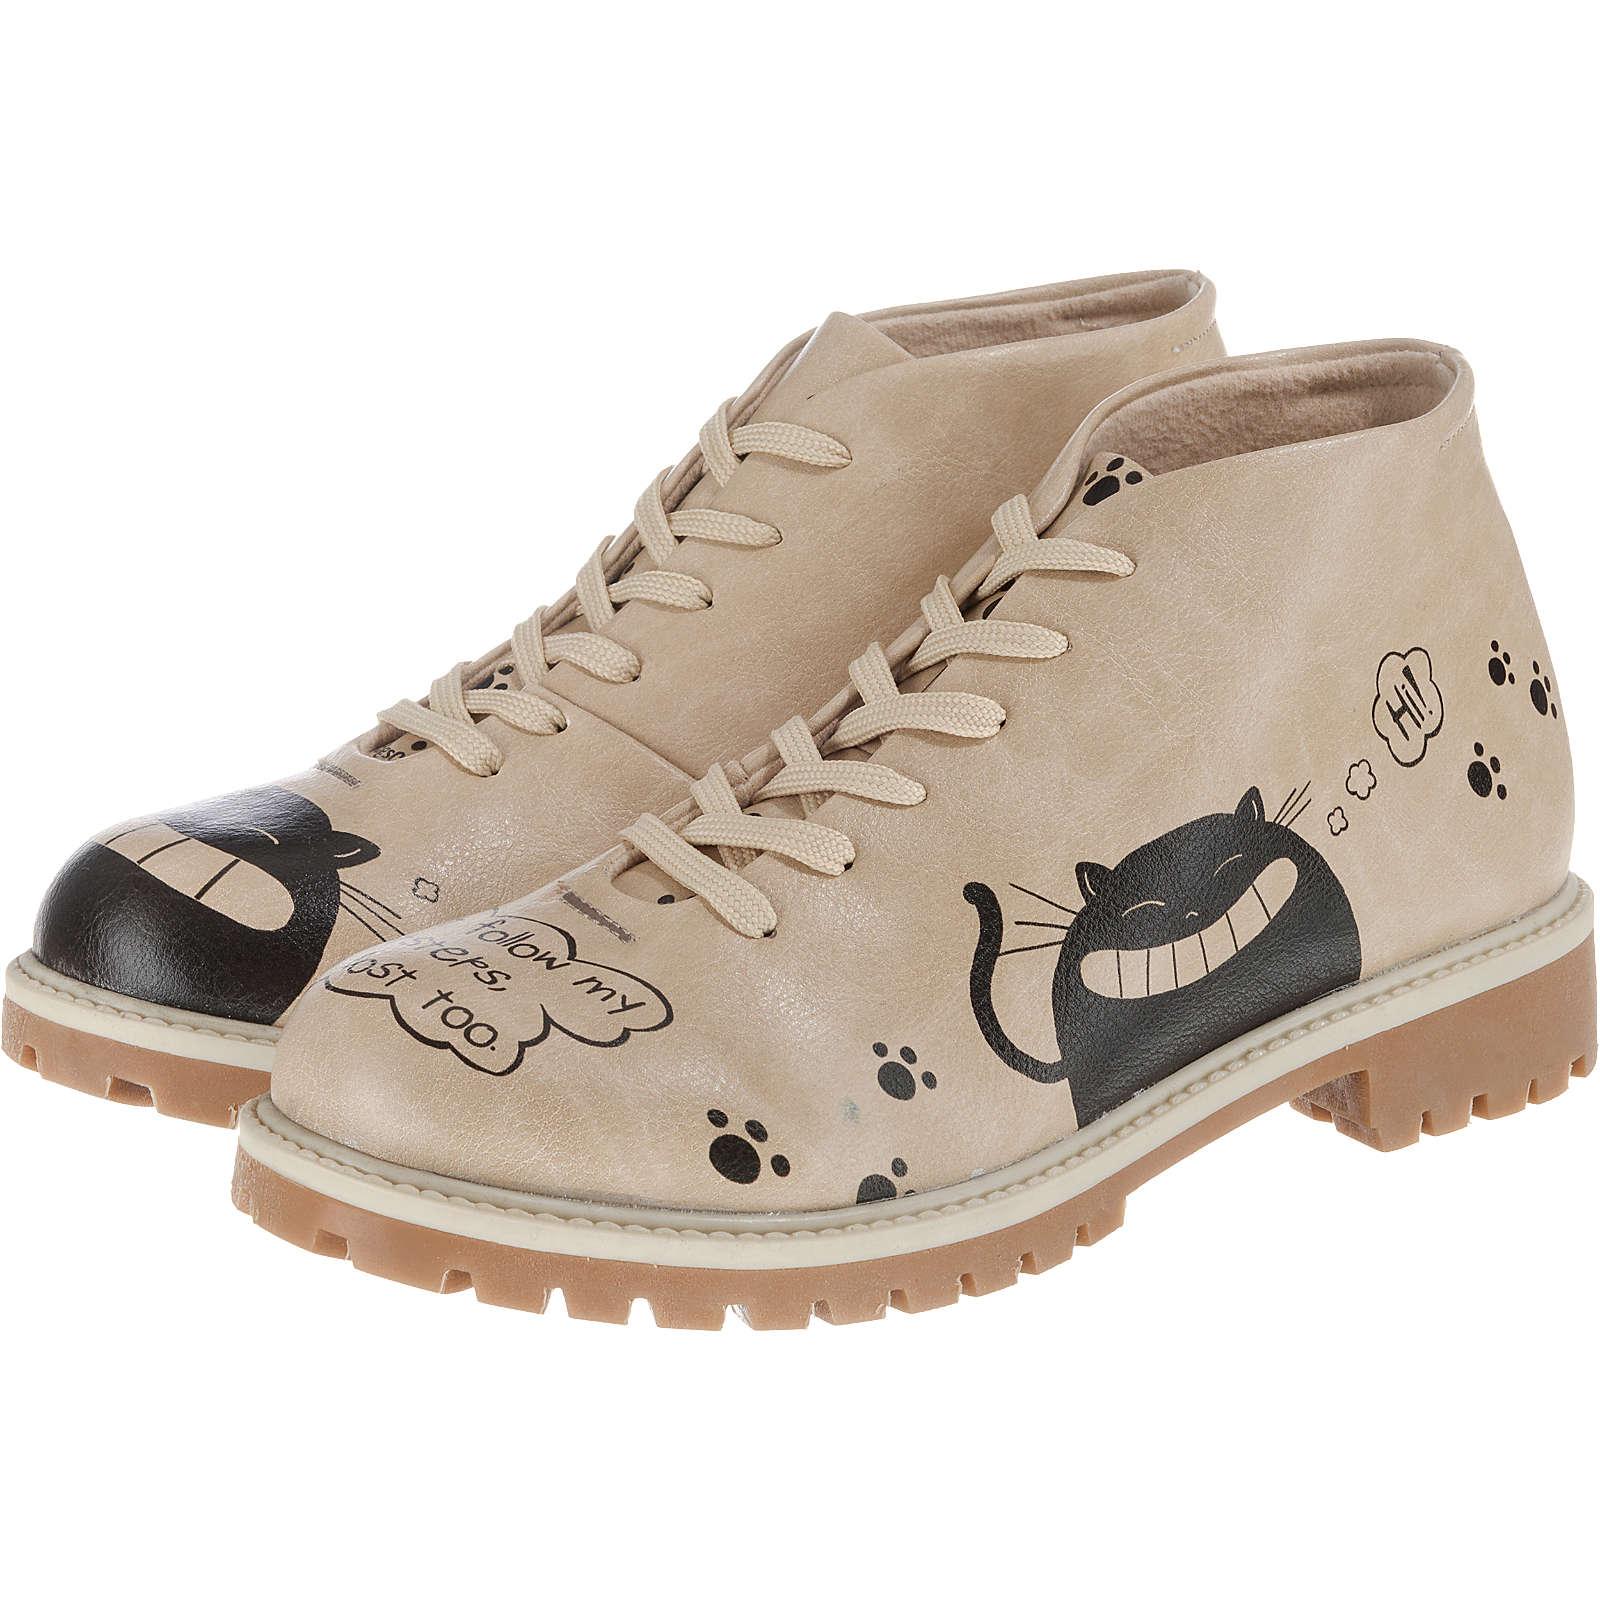 Dogo Shoes Hello Fall Desert Boots beige Damen Gr. 37